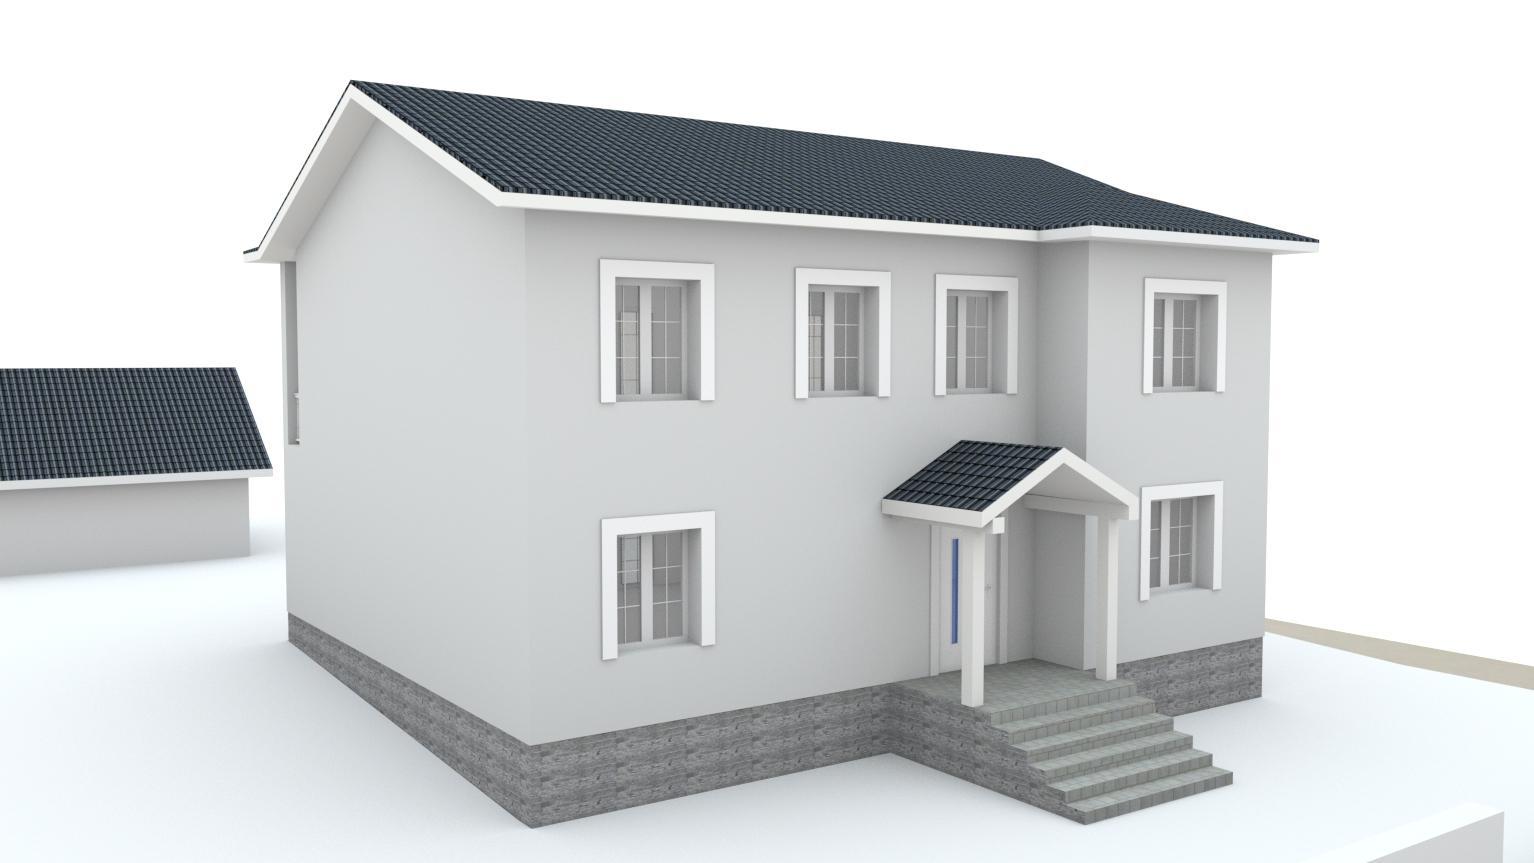 Návrh fasády rodinného domu Bratislava - Obrázok č. 12